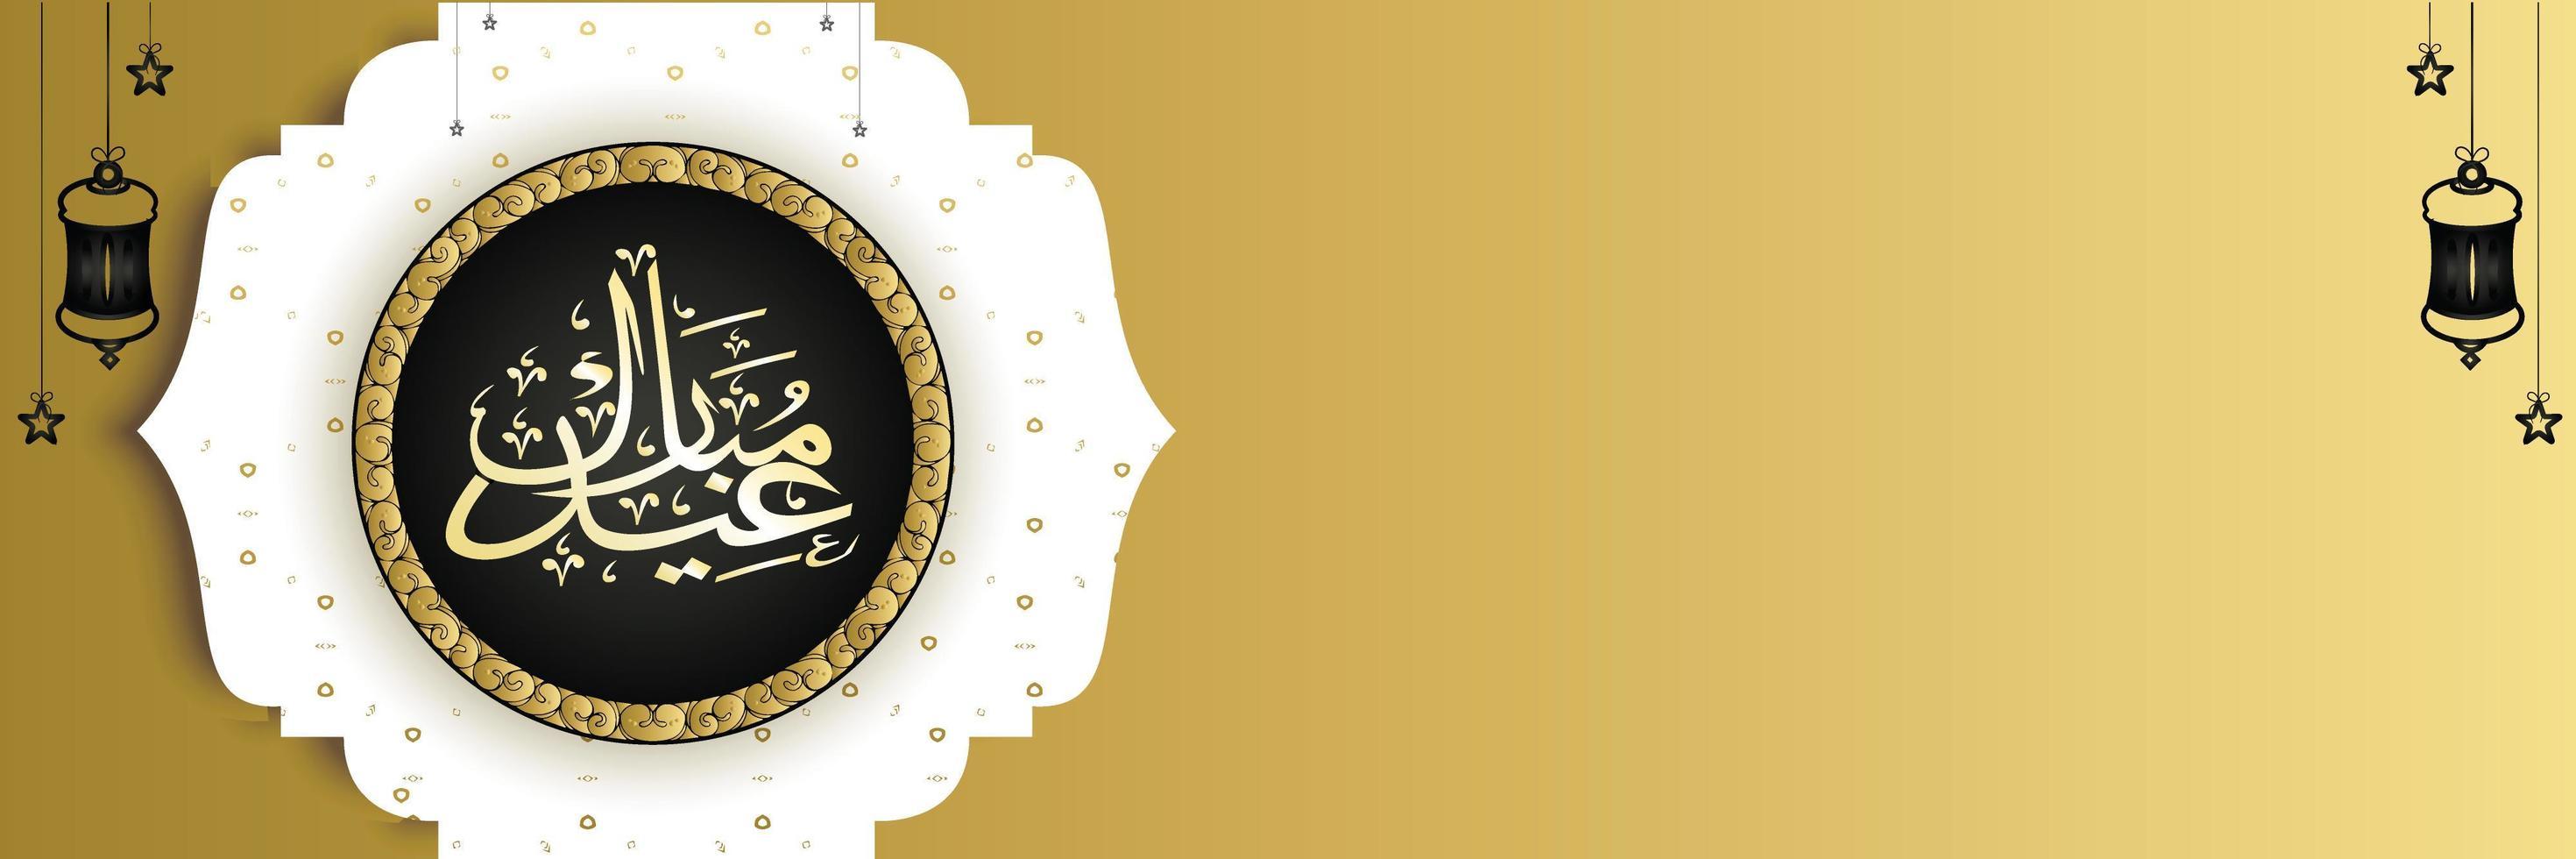 bannière de conception calligraphique eid mubarak vecteur